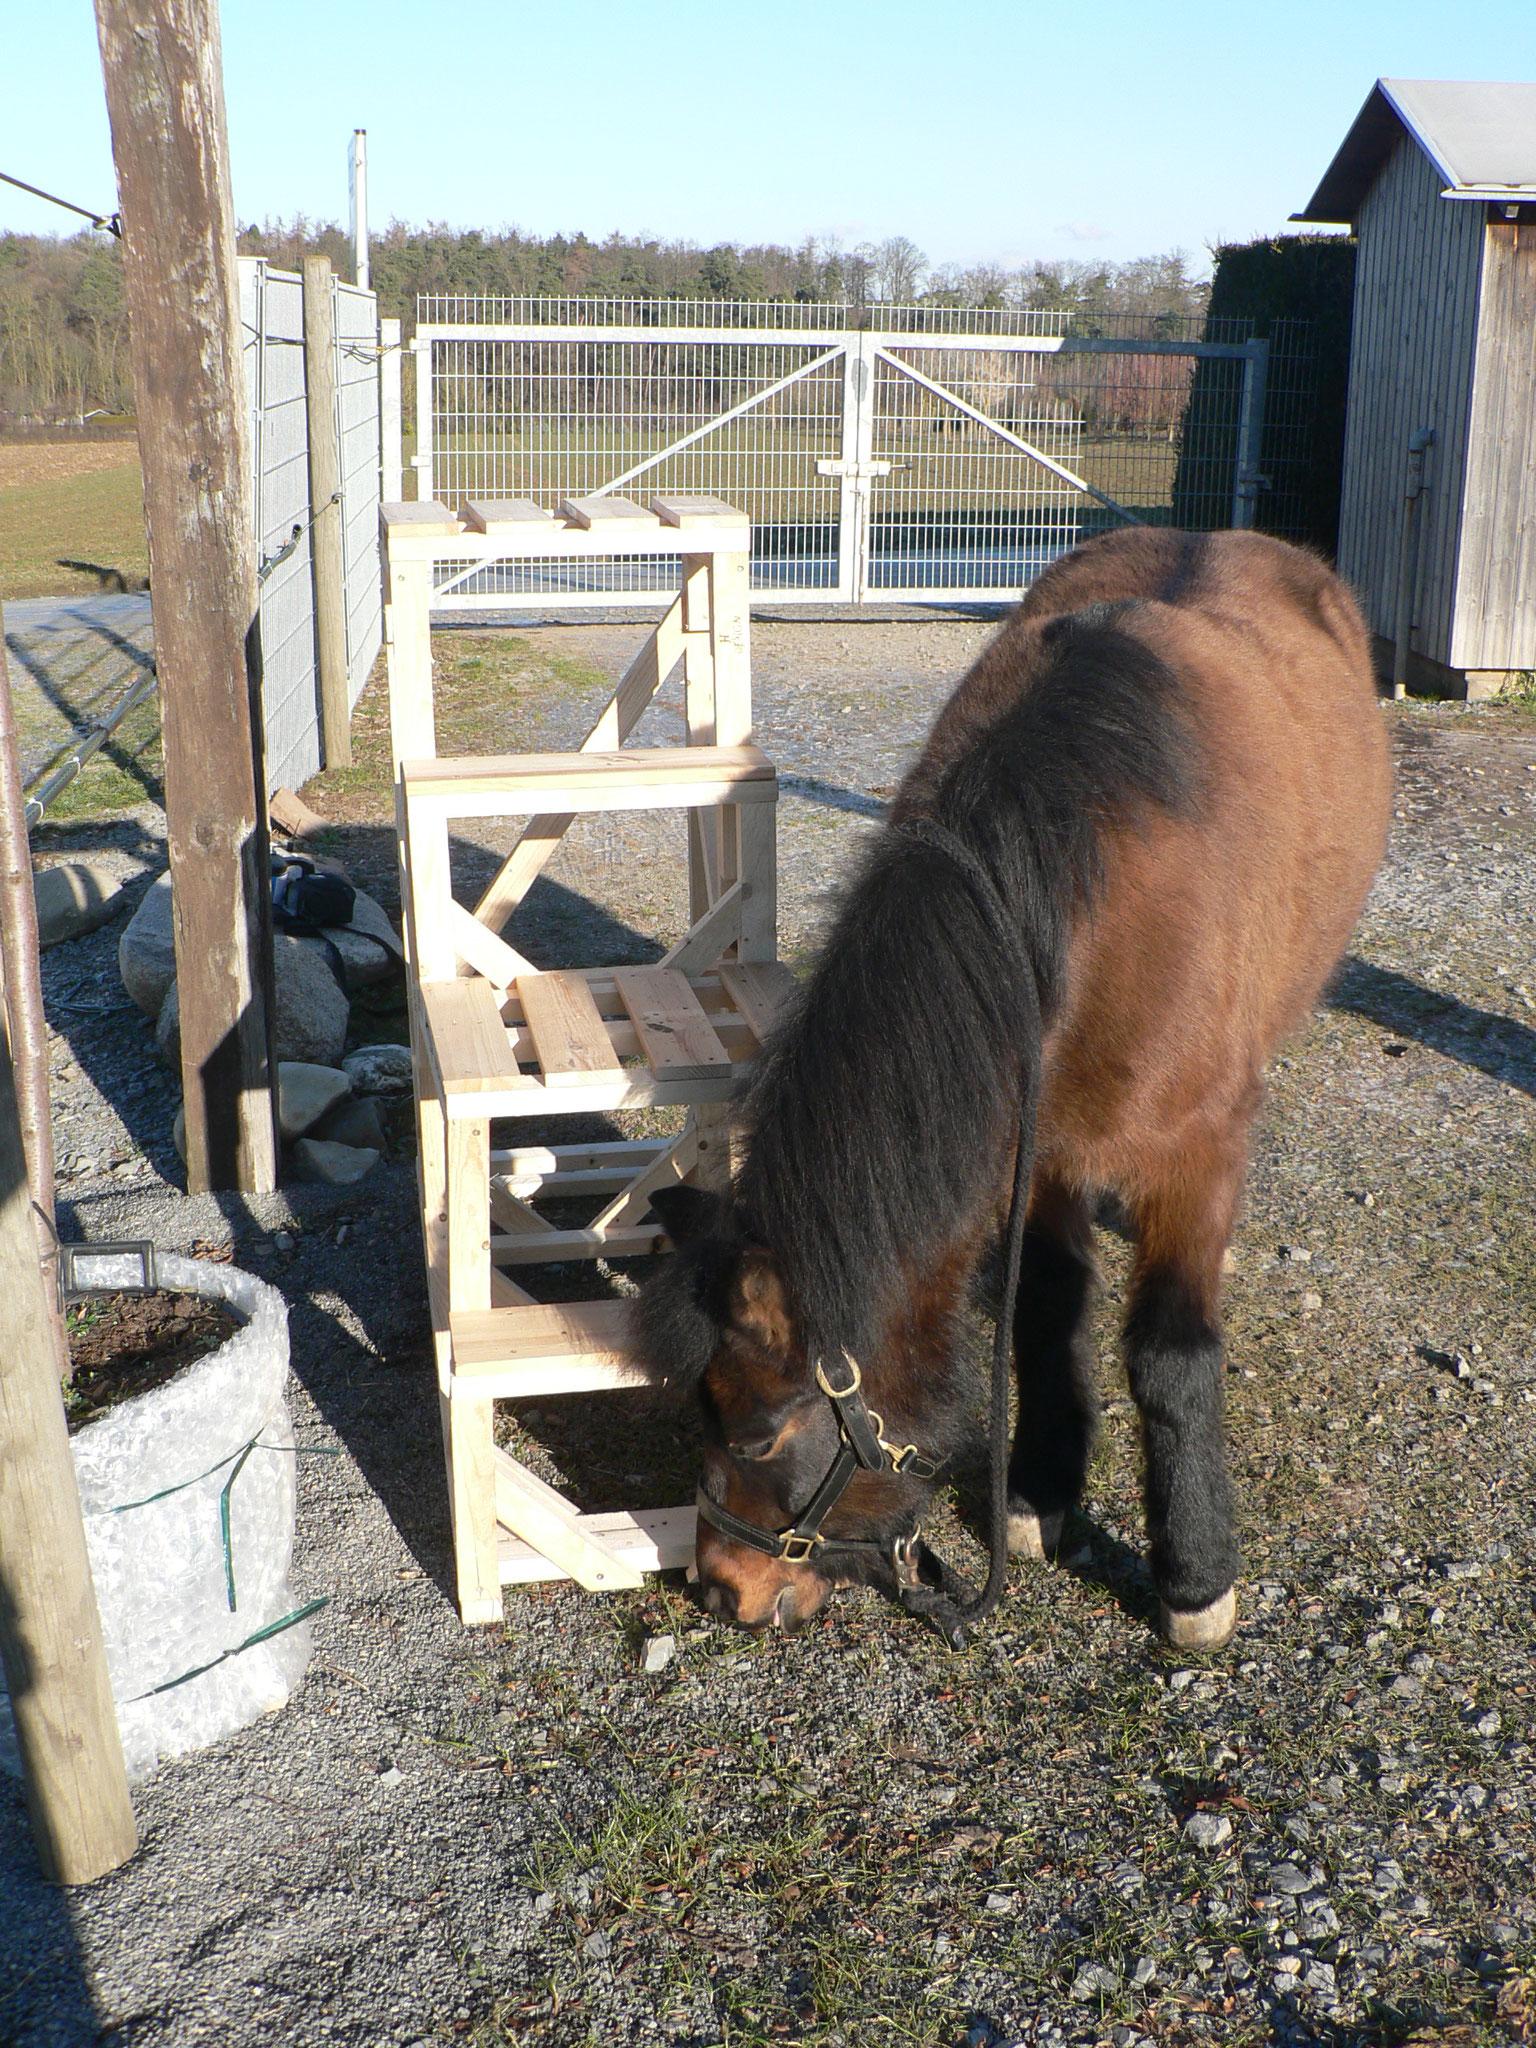 Aufsteighilfe für verschieden große Pferde